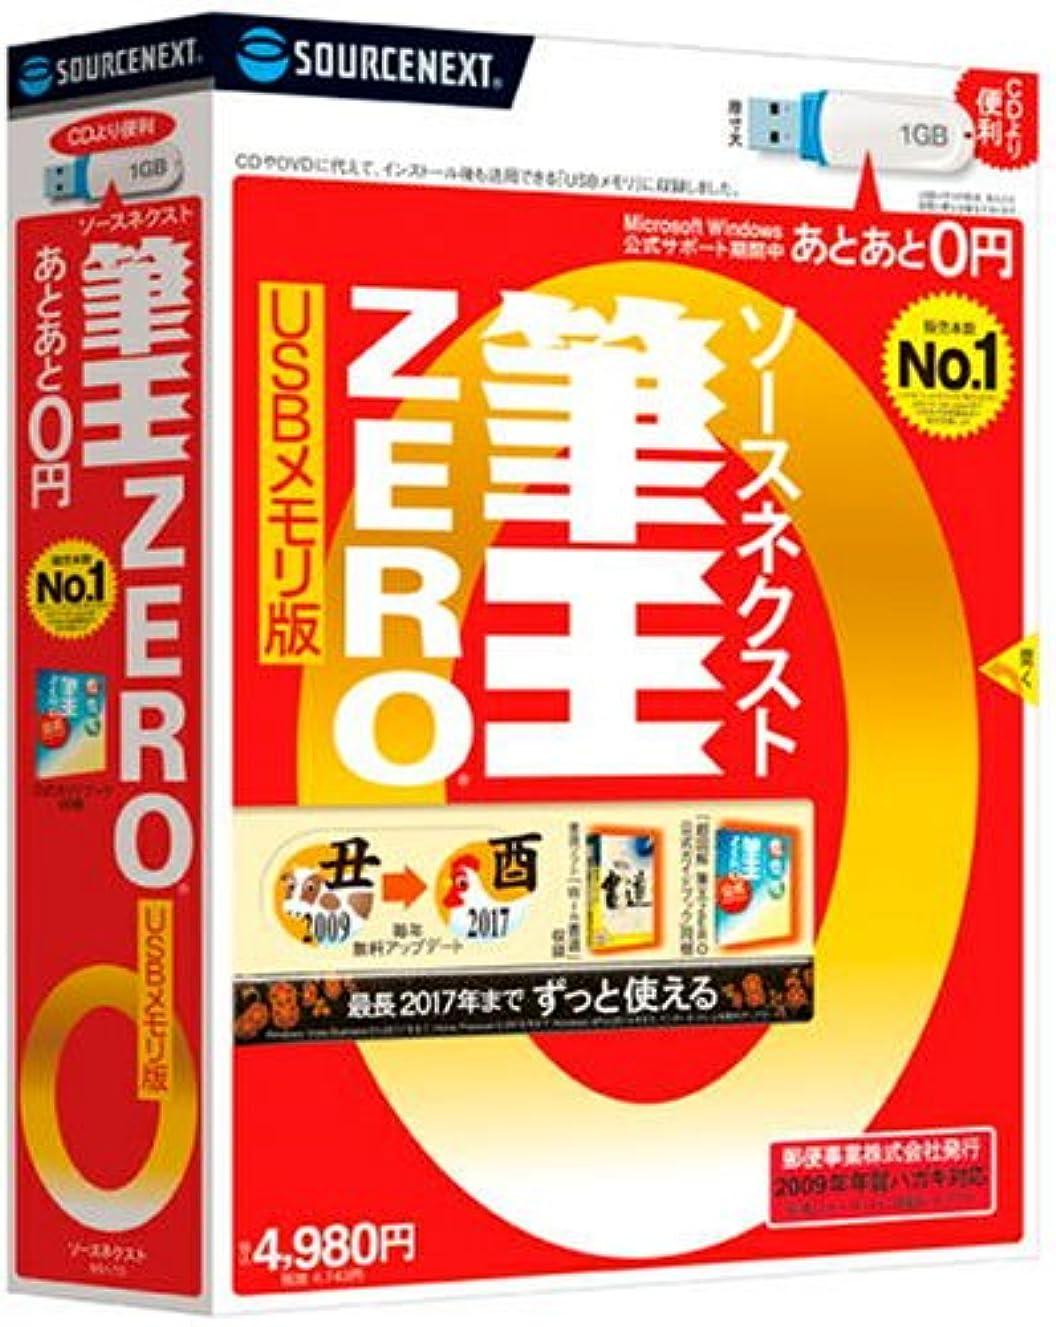 葉巻ペフ区画ソースネクスト 筆王ZERO (2009年パッケージ) USBメモリ版